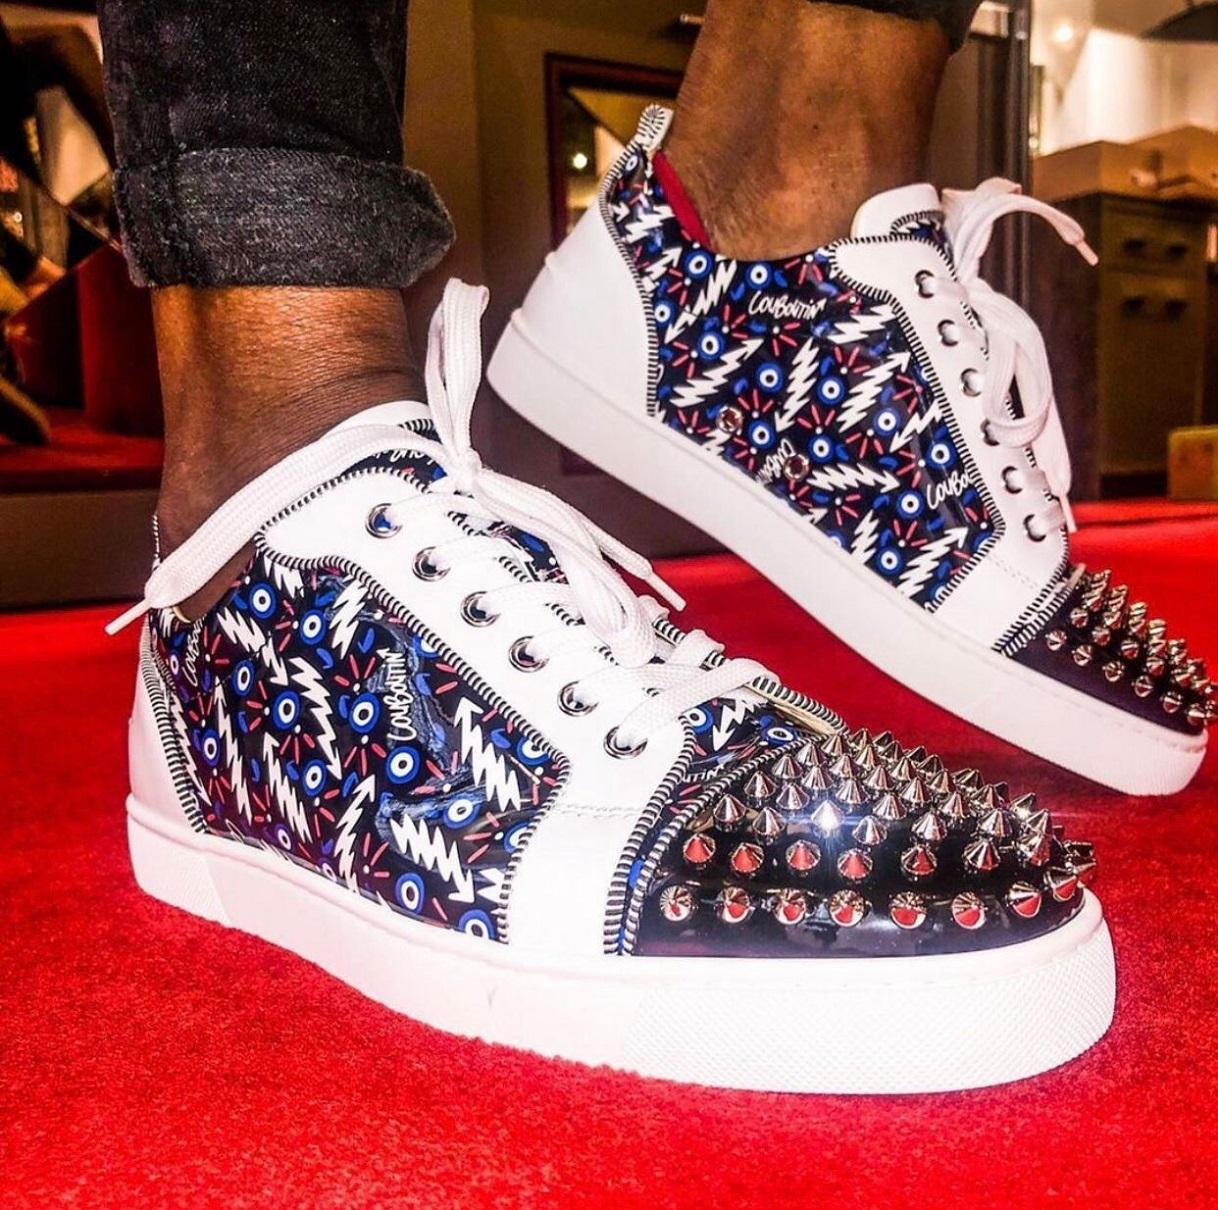 Düşük Üst Spike Genç Sneakers Düz, Zarif erkek Kırmızı Alt Ayakkabı T-Kalite Çift Kadın Açık Kırmızı Sole Spor Parti Düğün EU35-47